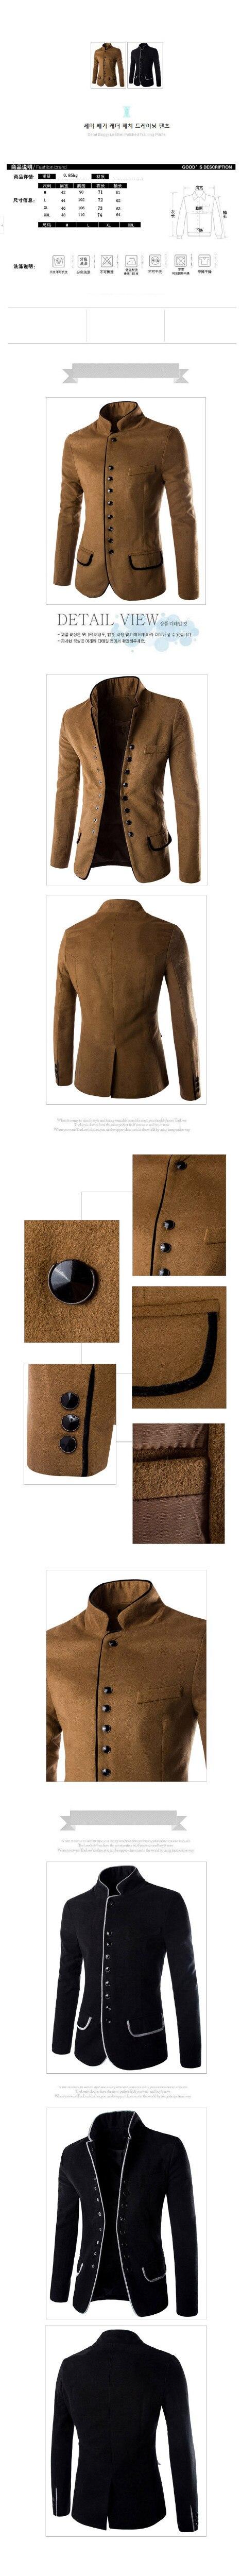 HTB1lbH3OVXXXXbyXpXXq6xXFXXXO - Воротник-стойка человек шерстяной пиджак Однотонная повседневная обувь осень-зима пальто Модная верхняя одежда Для мужчин Блейзер Бизнес комплект для досуга